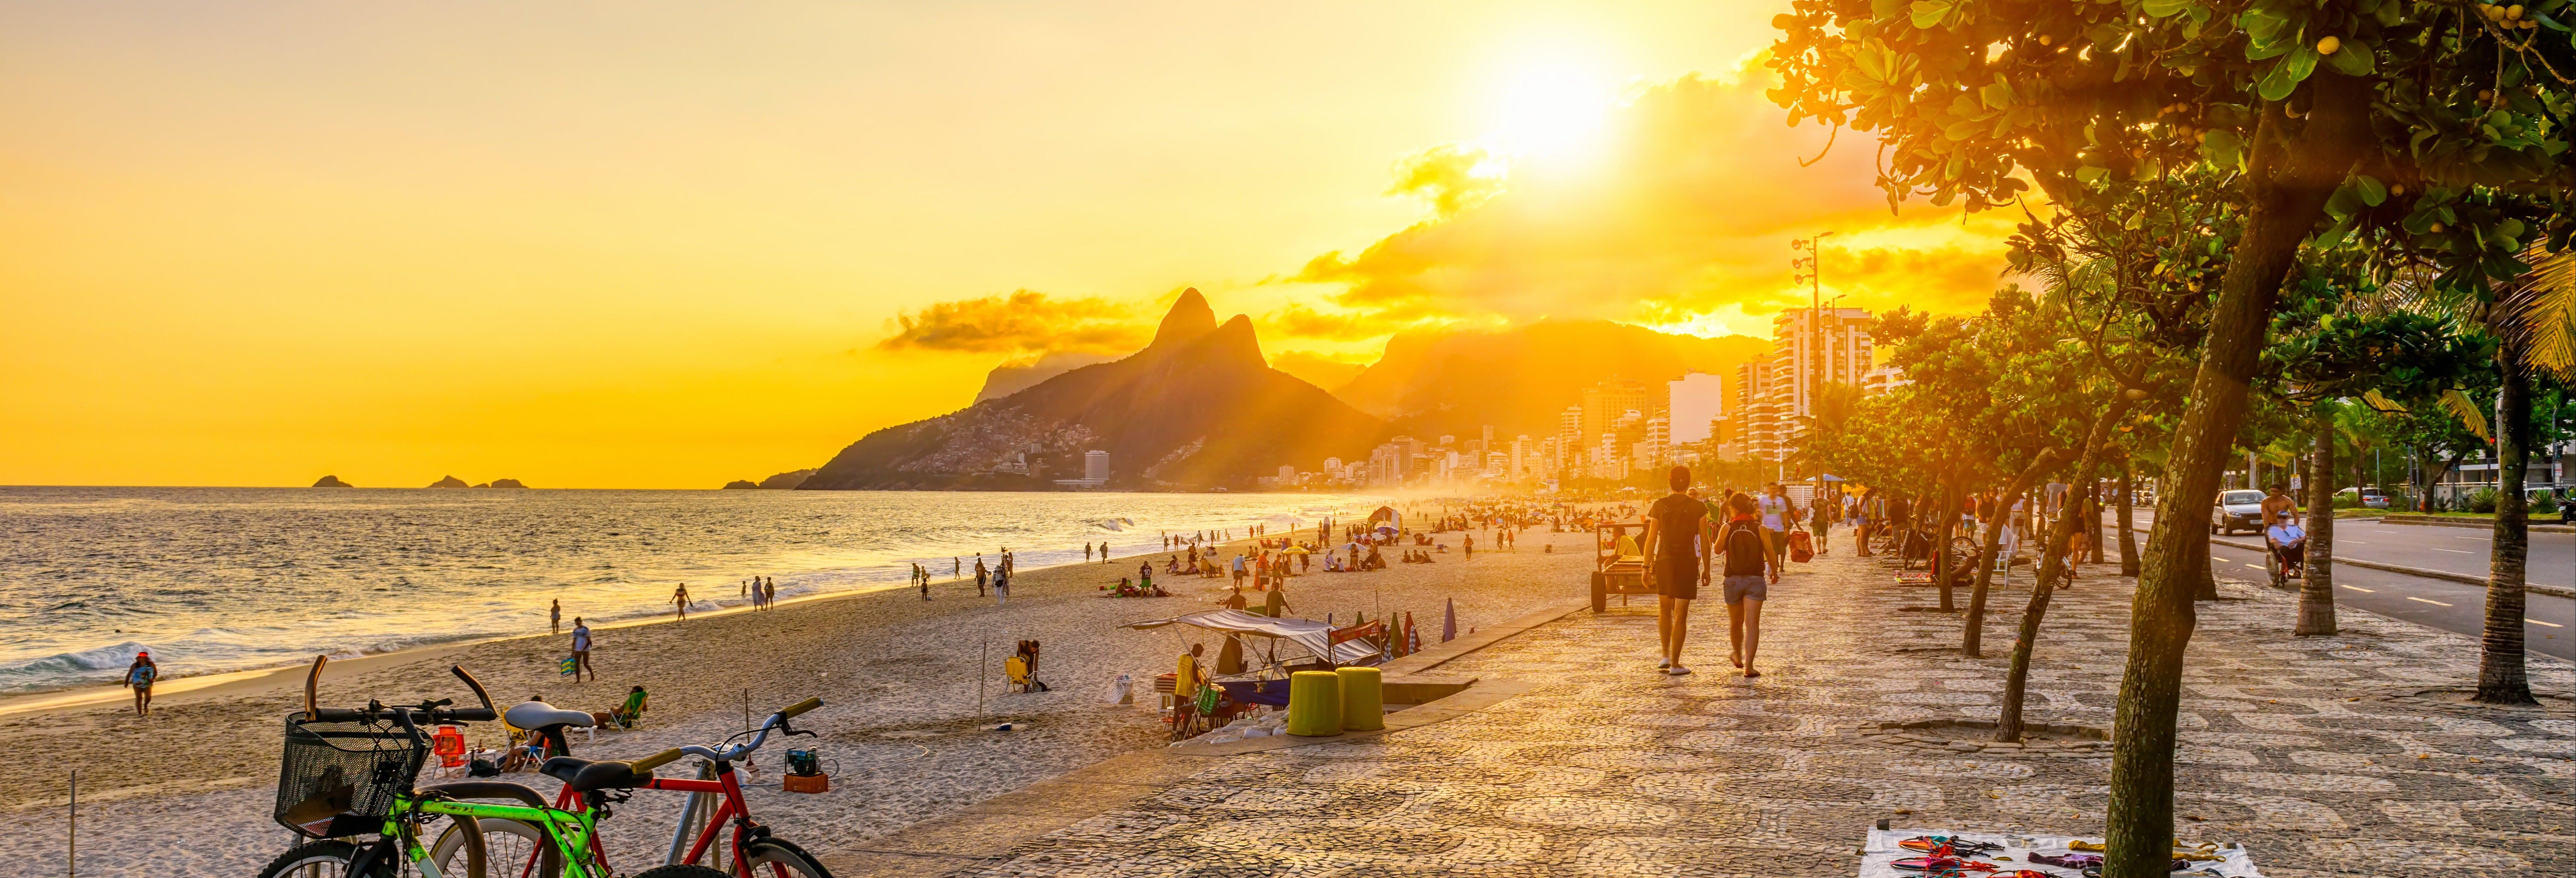 Balade à vélo dans Rio